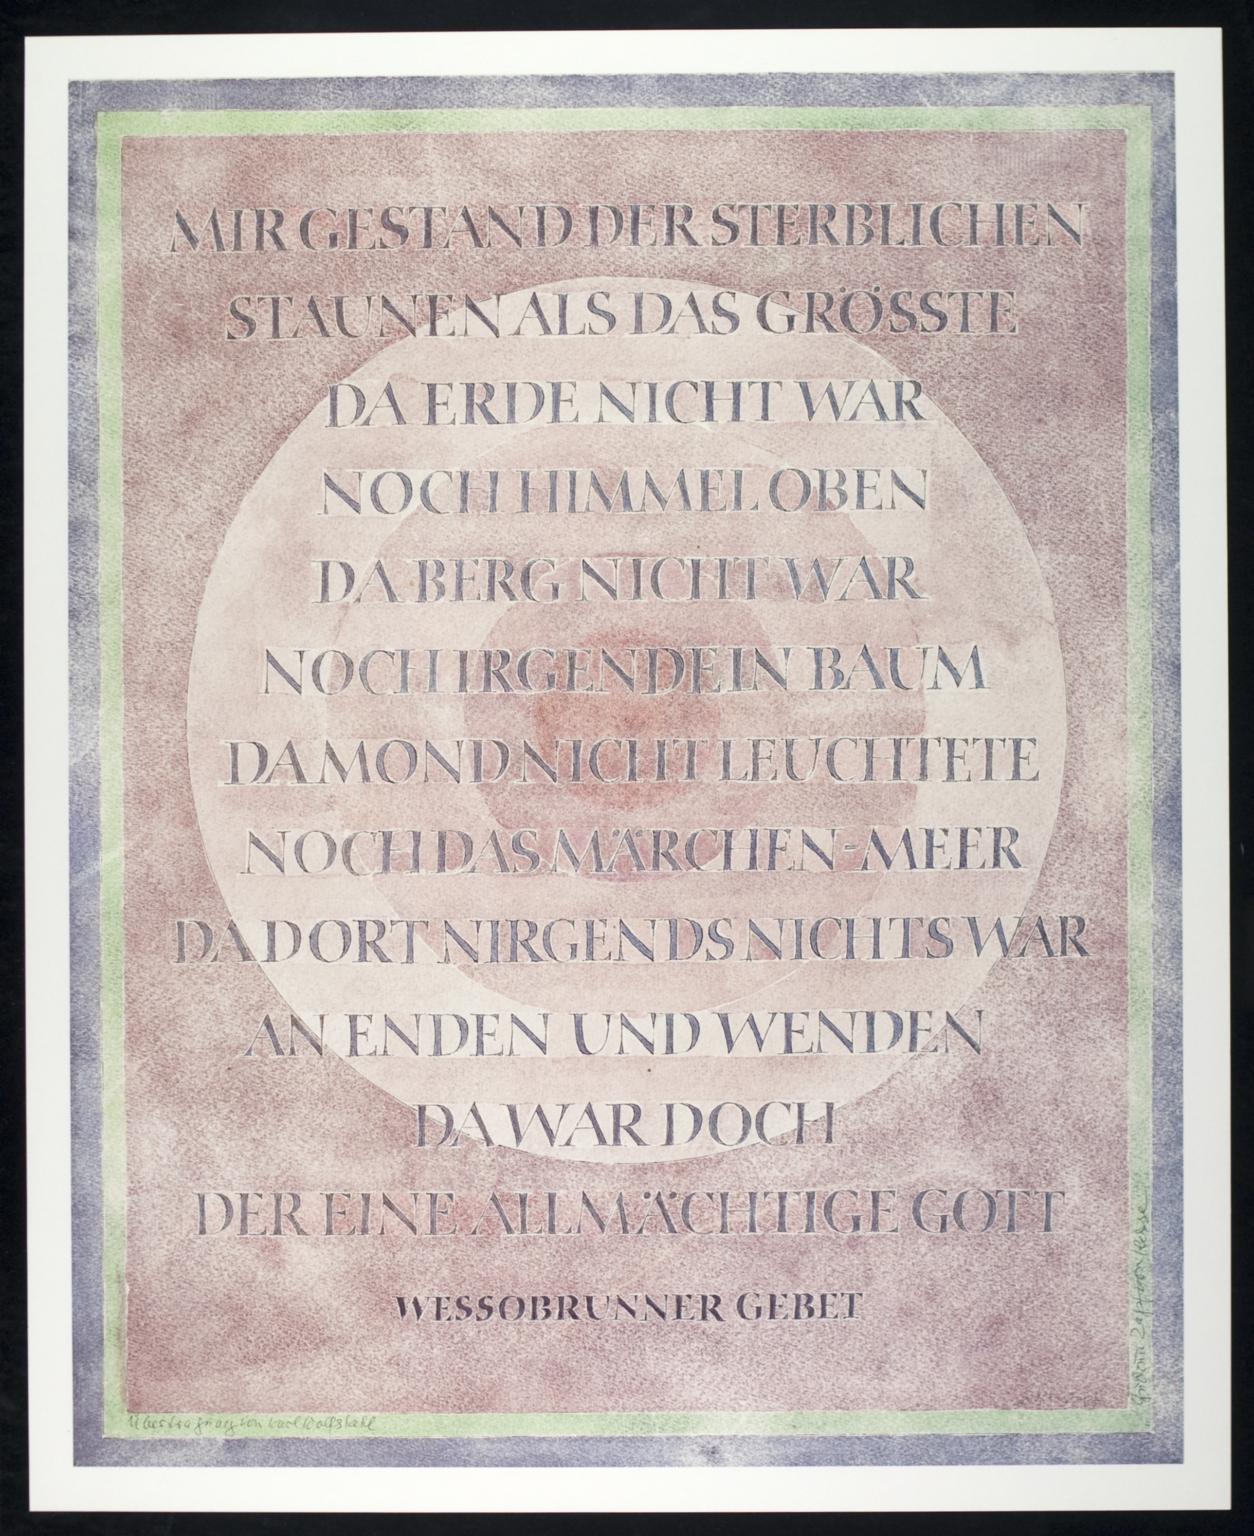 Wessobrunner Gebet